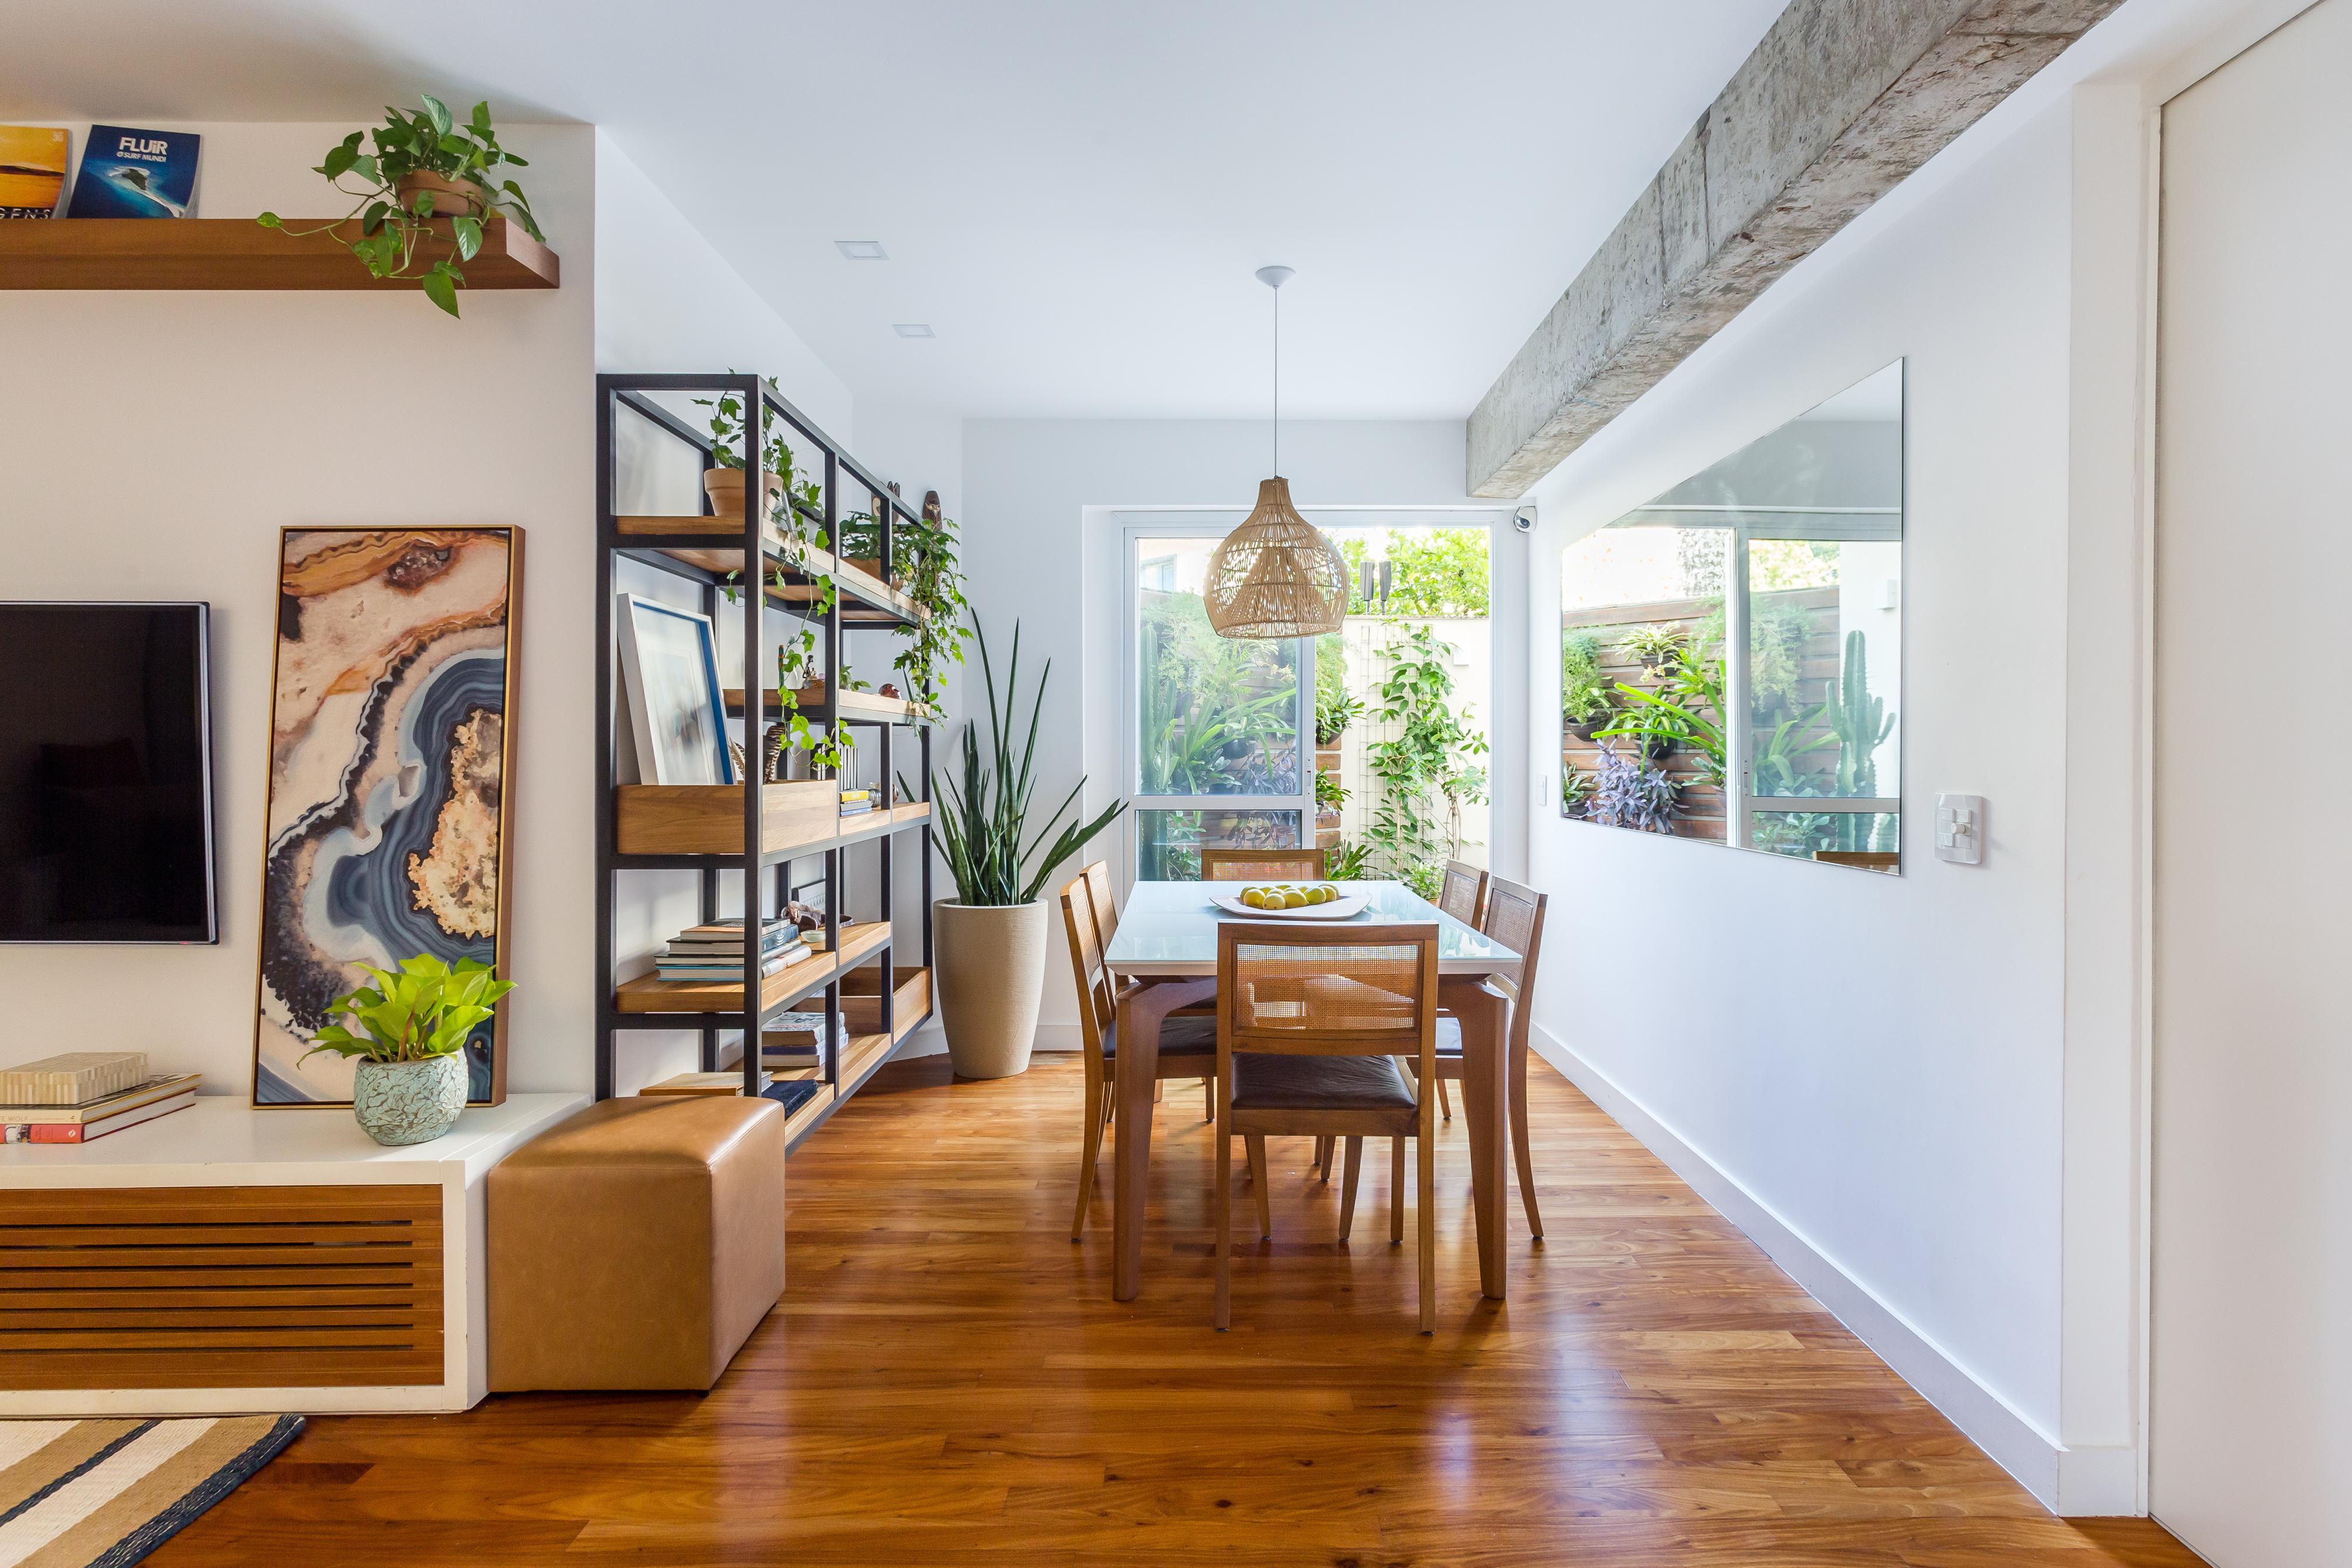 Sala de jantar com fundo de varanda e bastante iluminação natural. Estante de estilo industrial, piso de madeira e base de decoração neutra